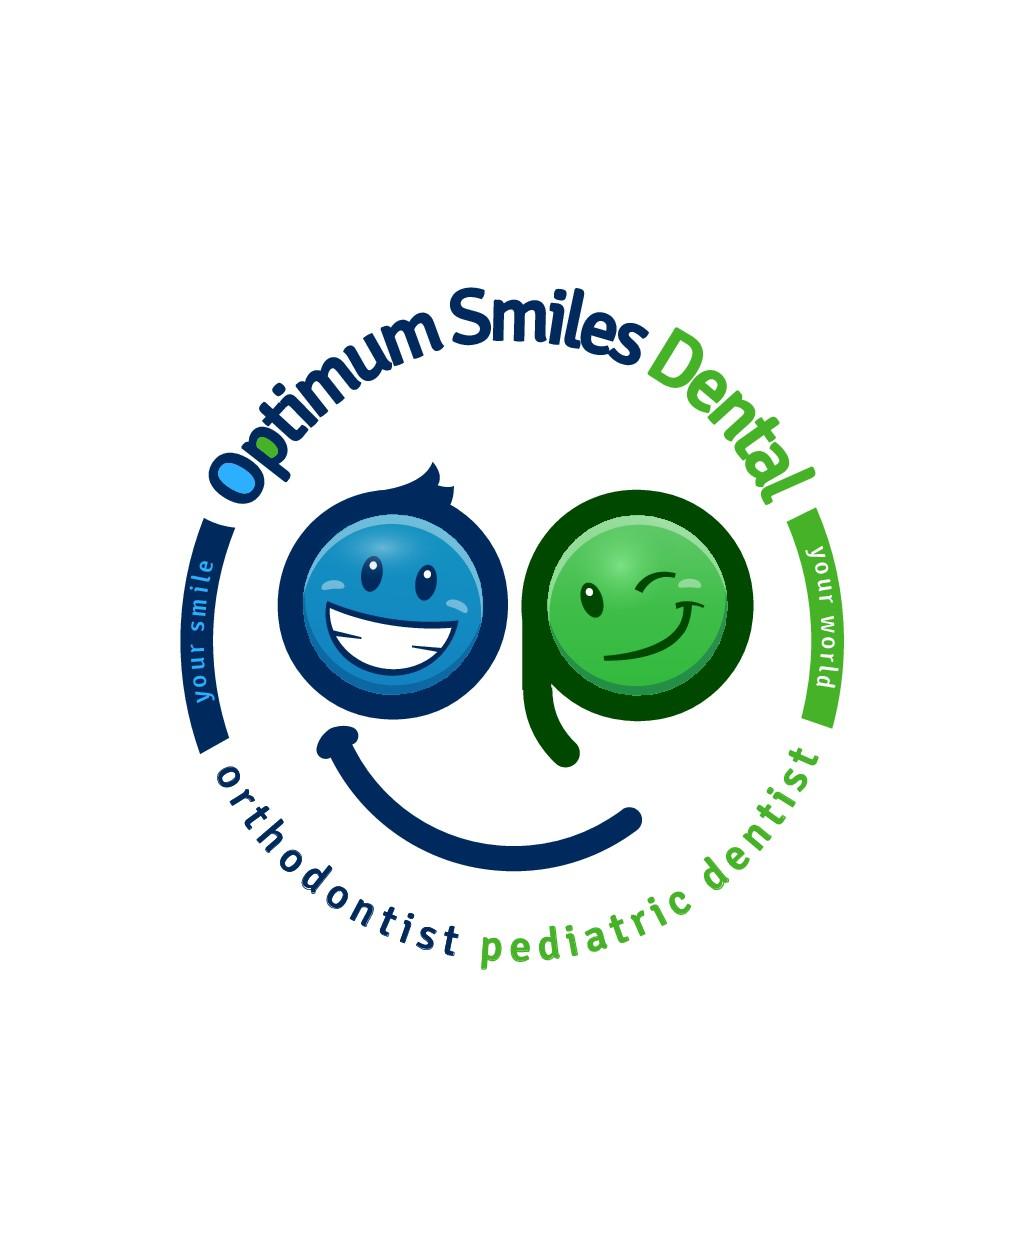 OPtimum Smiles